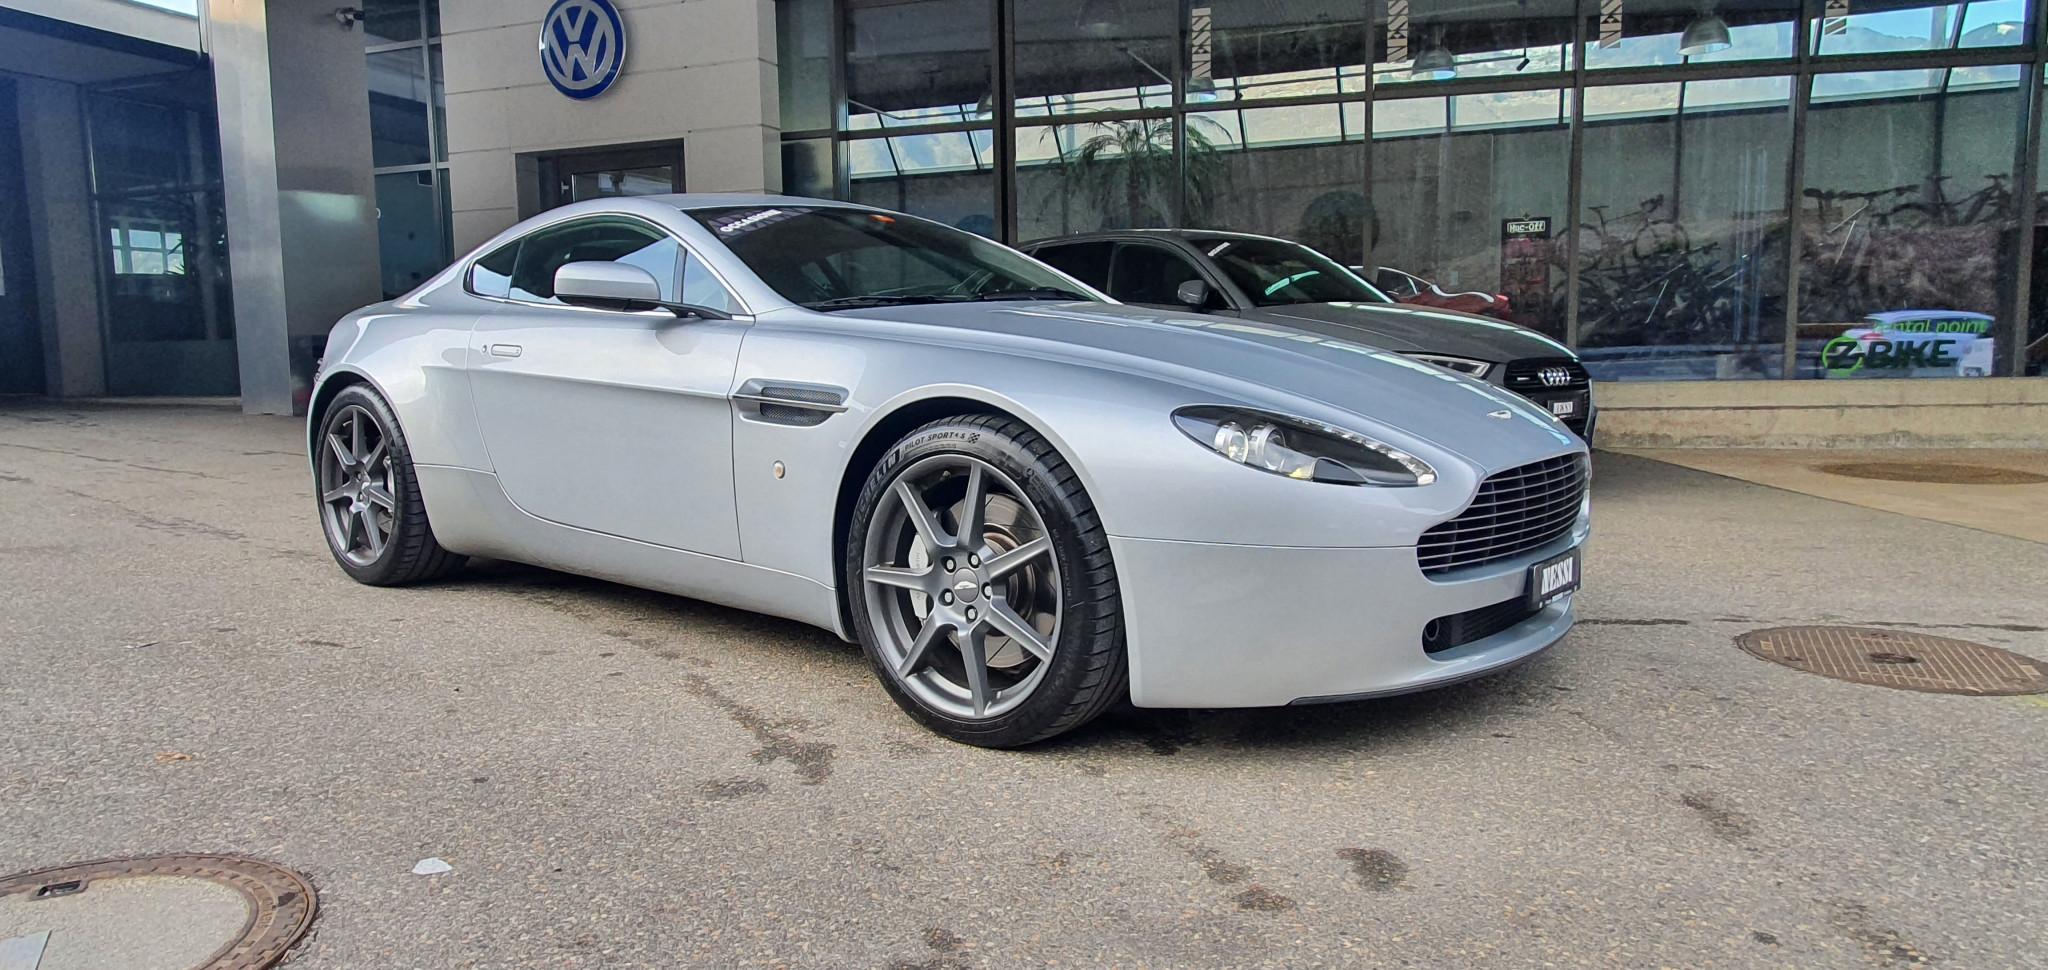 Buy Sports Aston Martin V8 V12 Vantage V8 Vantage Solo Km 27592 30000 Km At 47500 Chf On Carforyou Ch